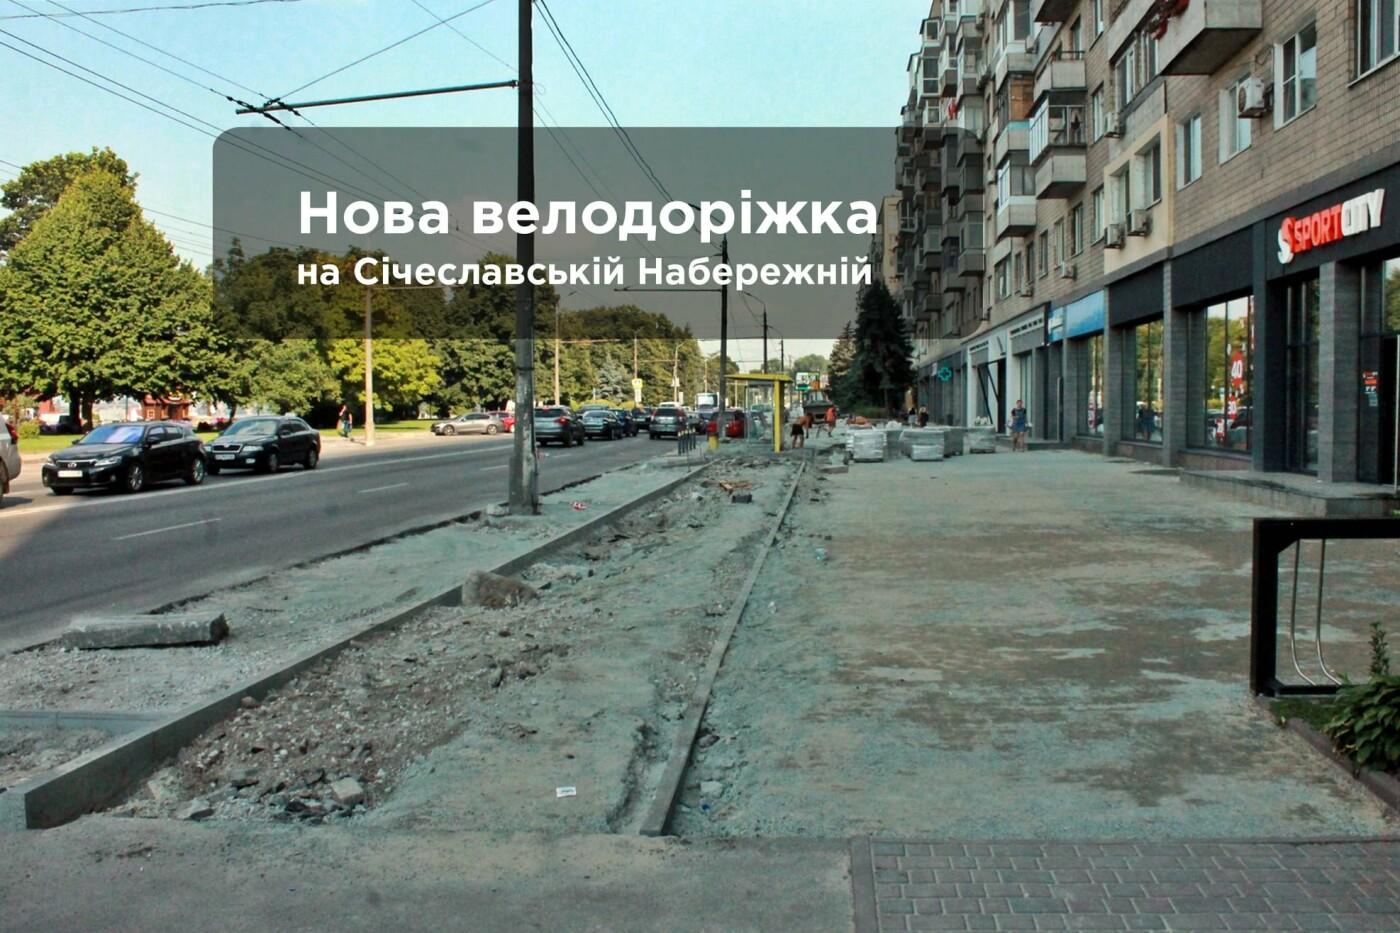 Новая парковка и велодорожка: в Днепре меняется набережная, - ФОТО, фото-7